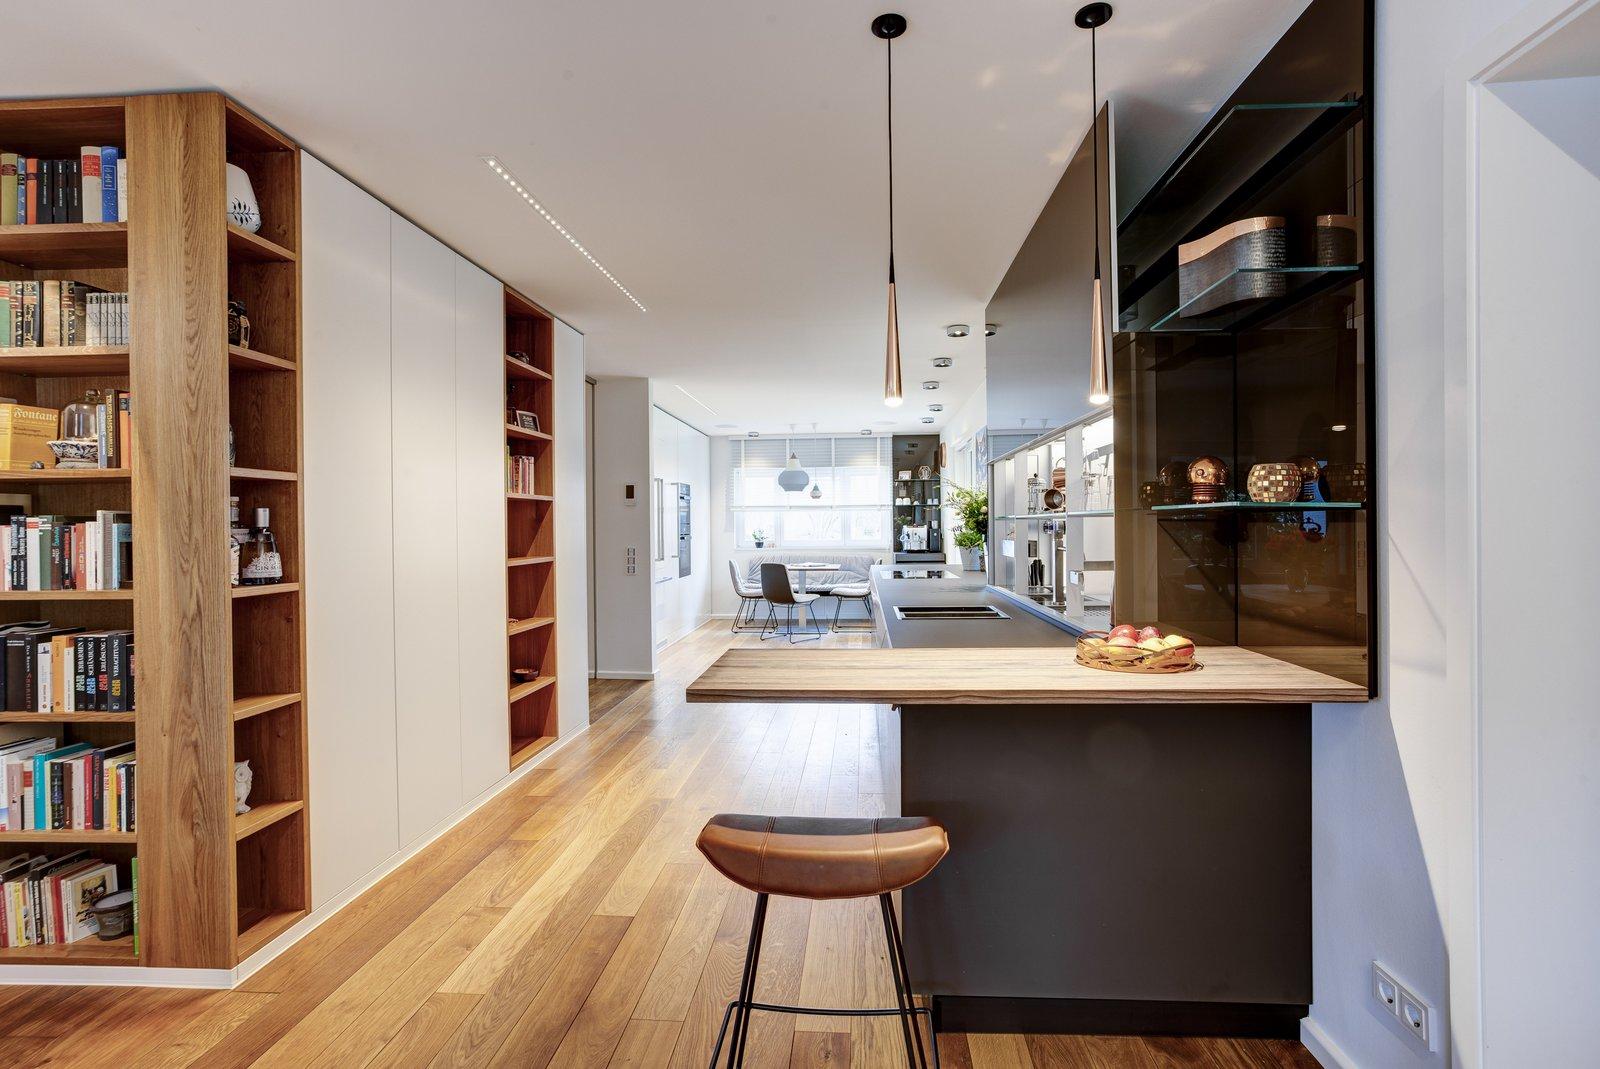 Küchen - EMBERT Innenarchitektur